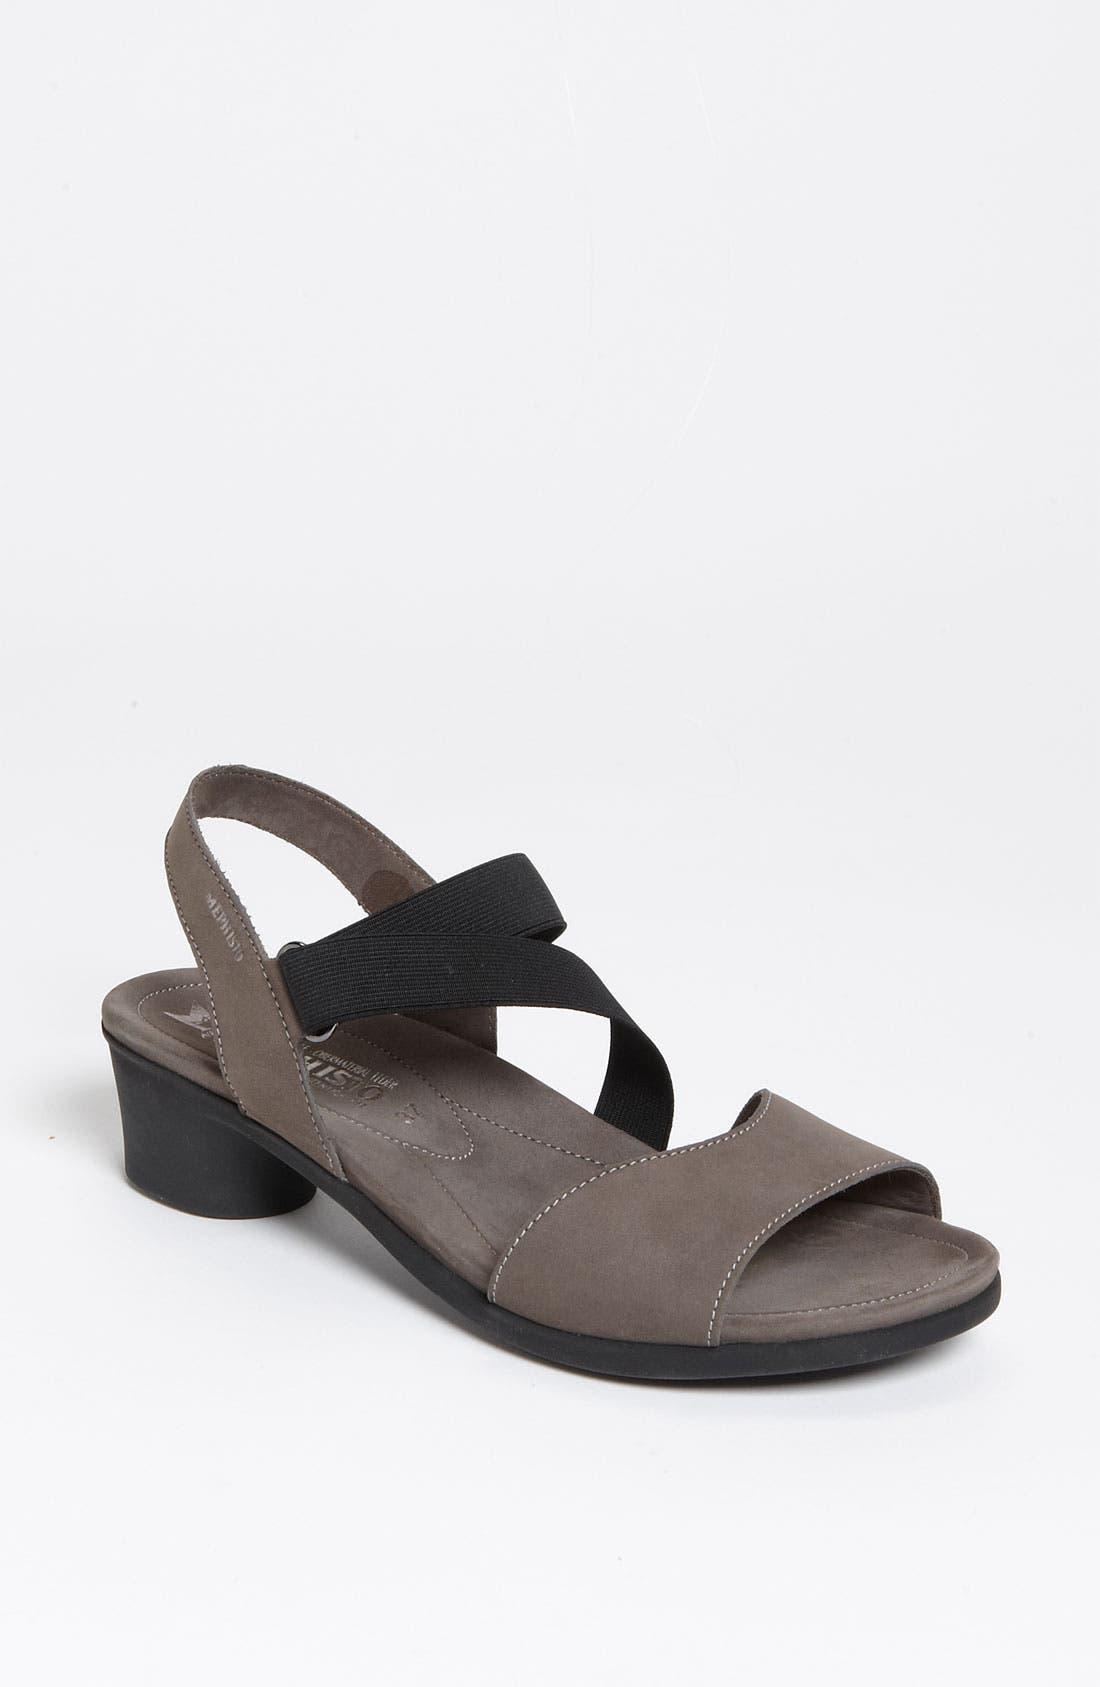 Alternate Image 1 Selected - Mephisto 'Priska' Sandal